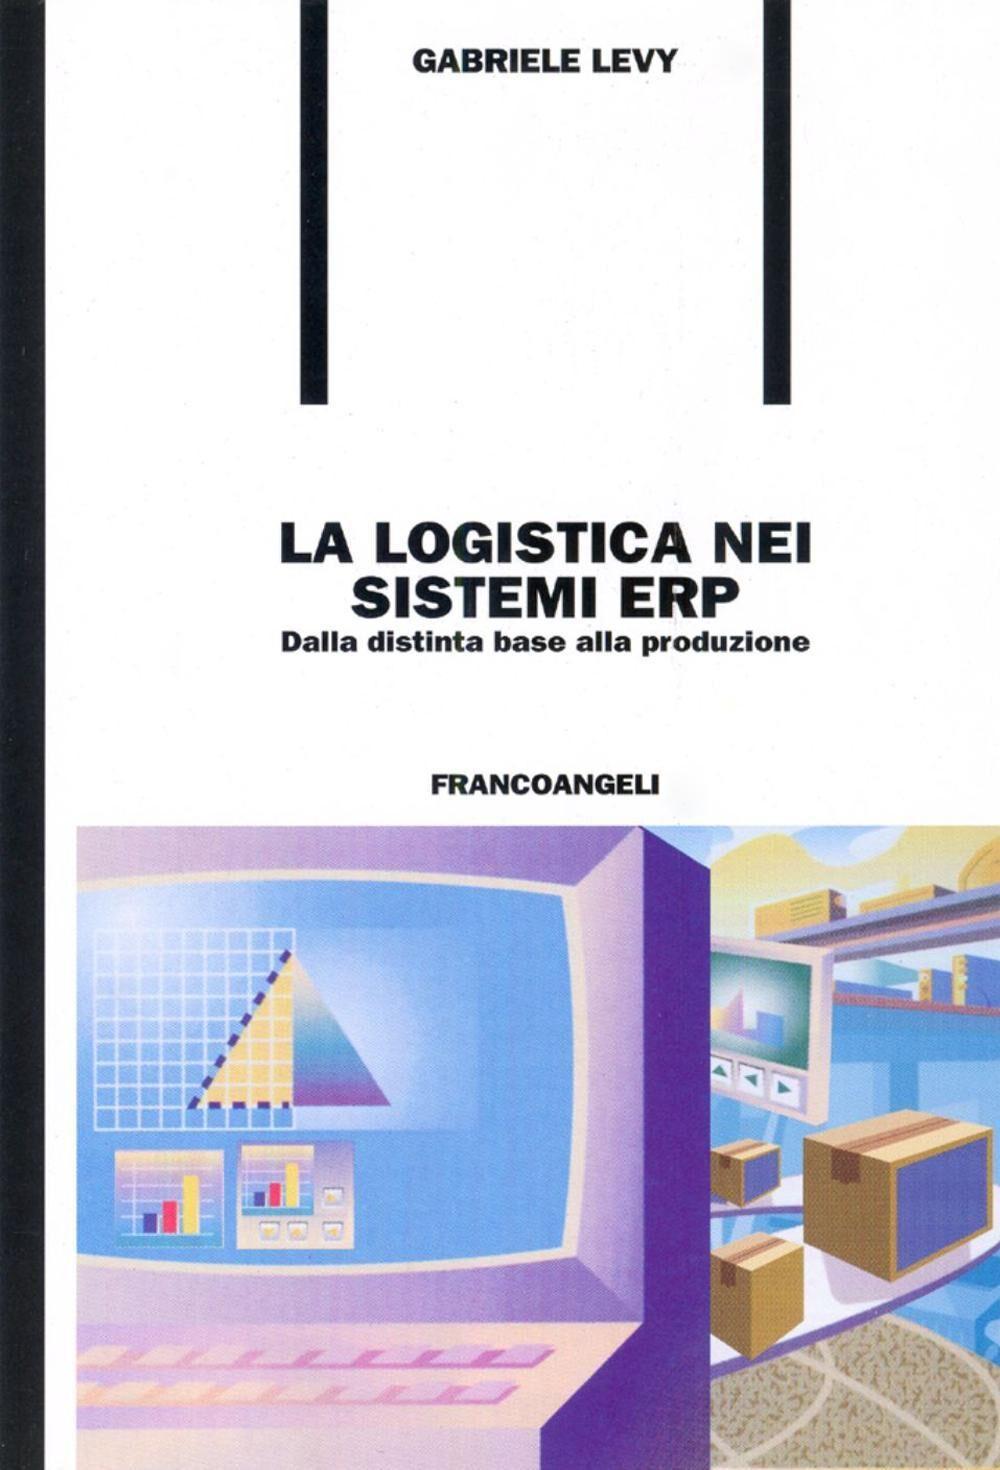 La logistica nei sistemi ERP. Dalla distinta base alla produzione